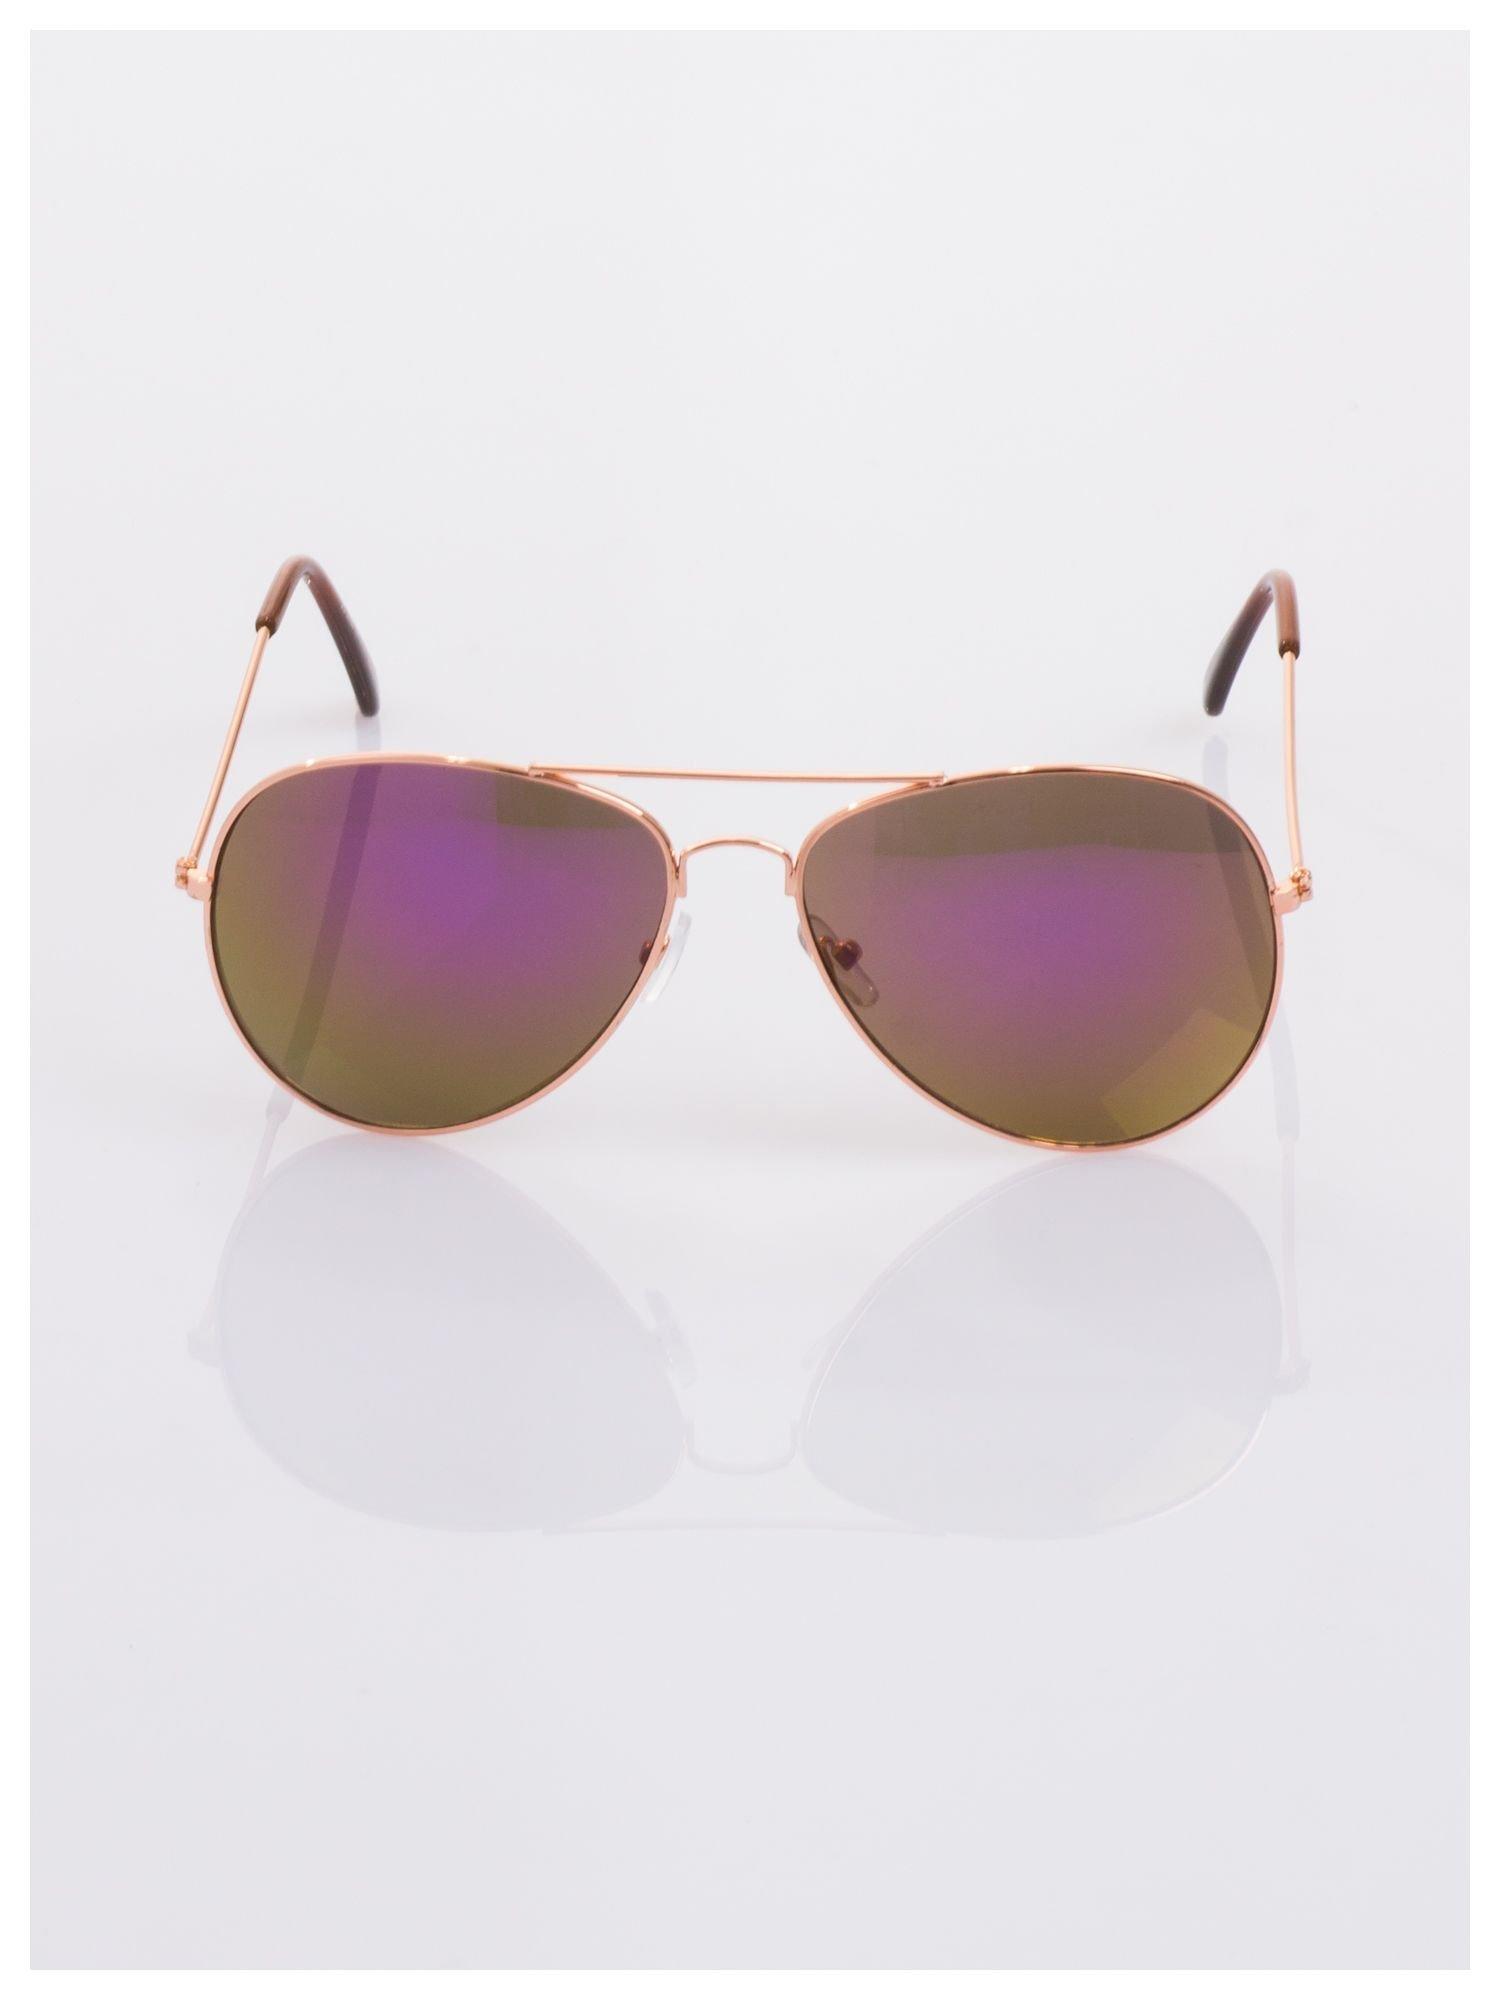 Fioletowe okulary przeciwsłoneczne pilotki AVIATORY                                  zdj.                                  4